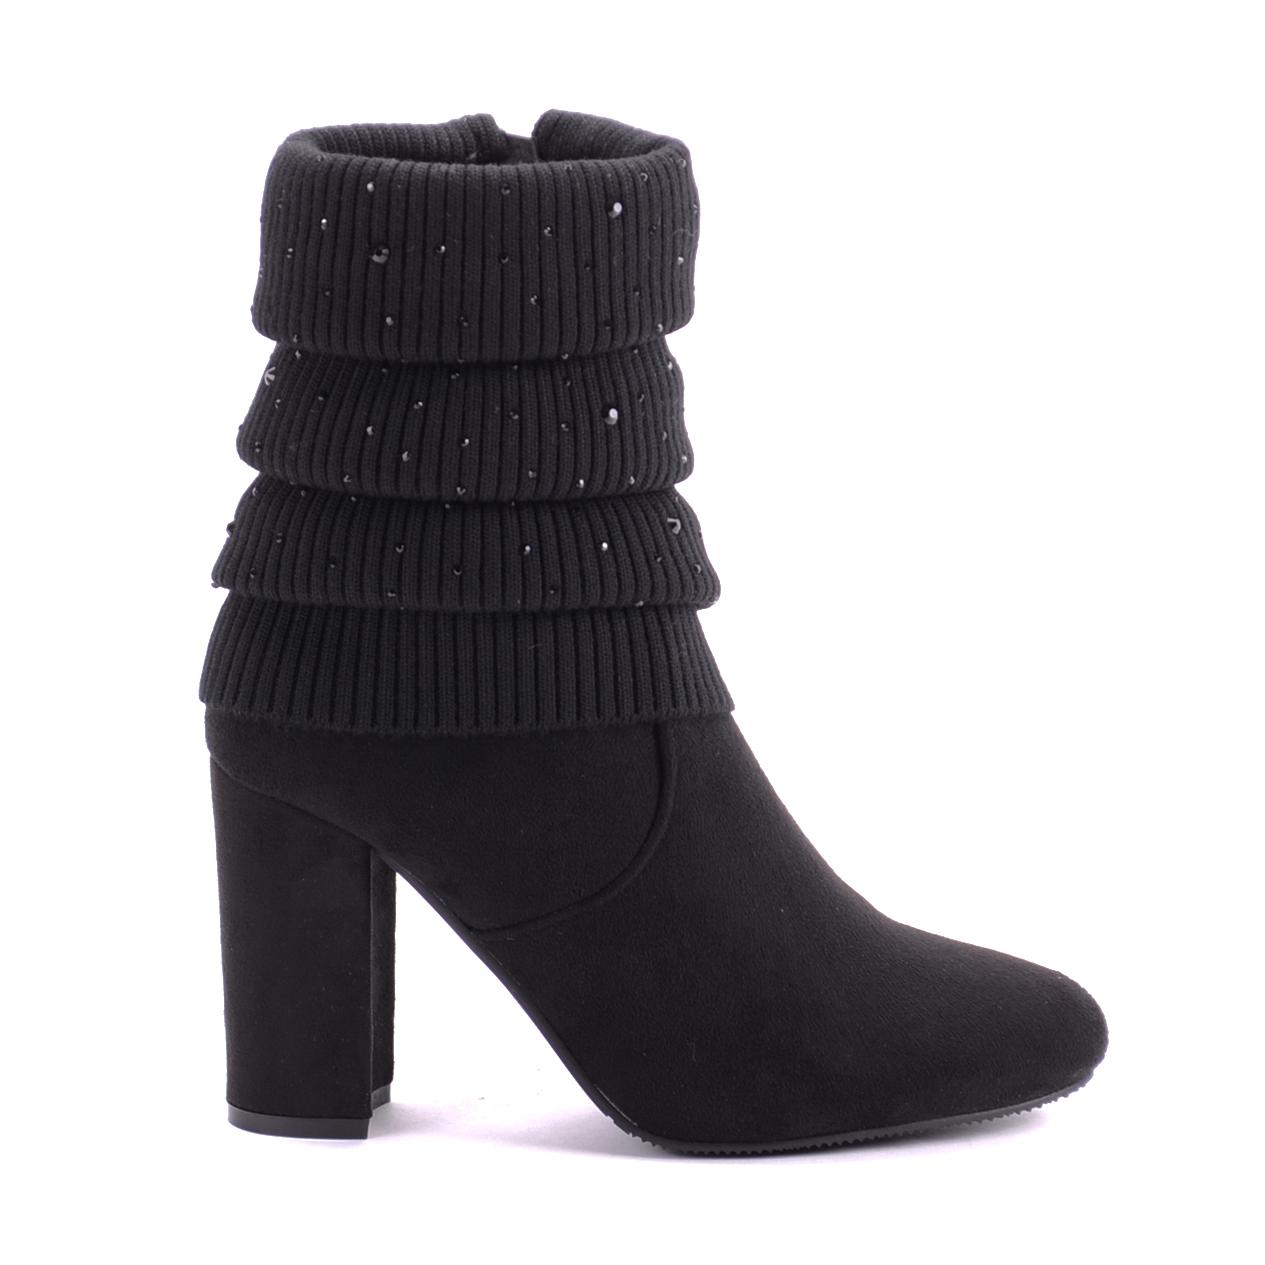 Seastar Fekete Női Művelúr Bakancs - BOKACSIZMÁK - Női cipő webáruház-női  csizmák ac11af44b9